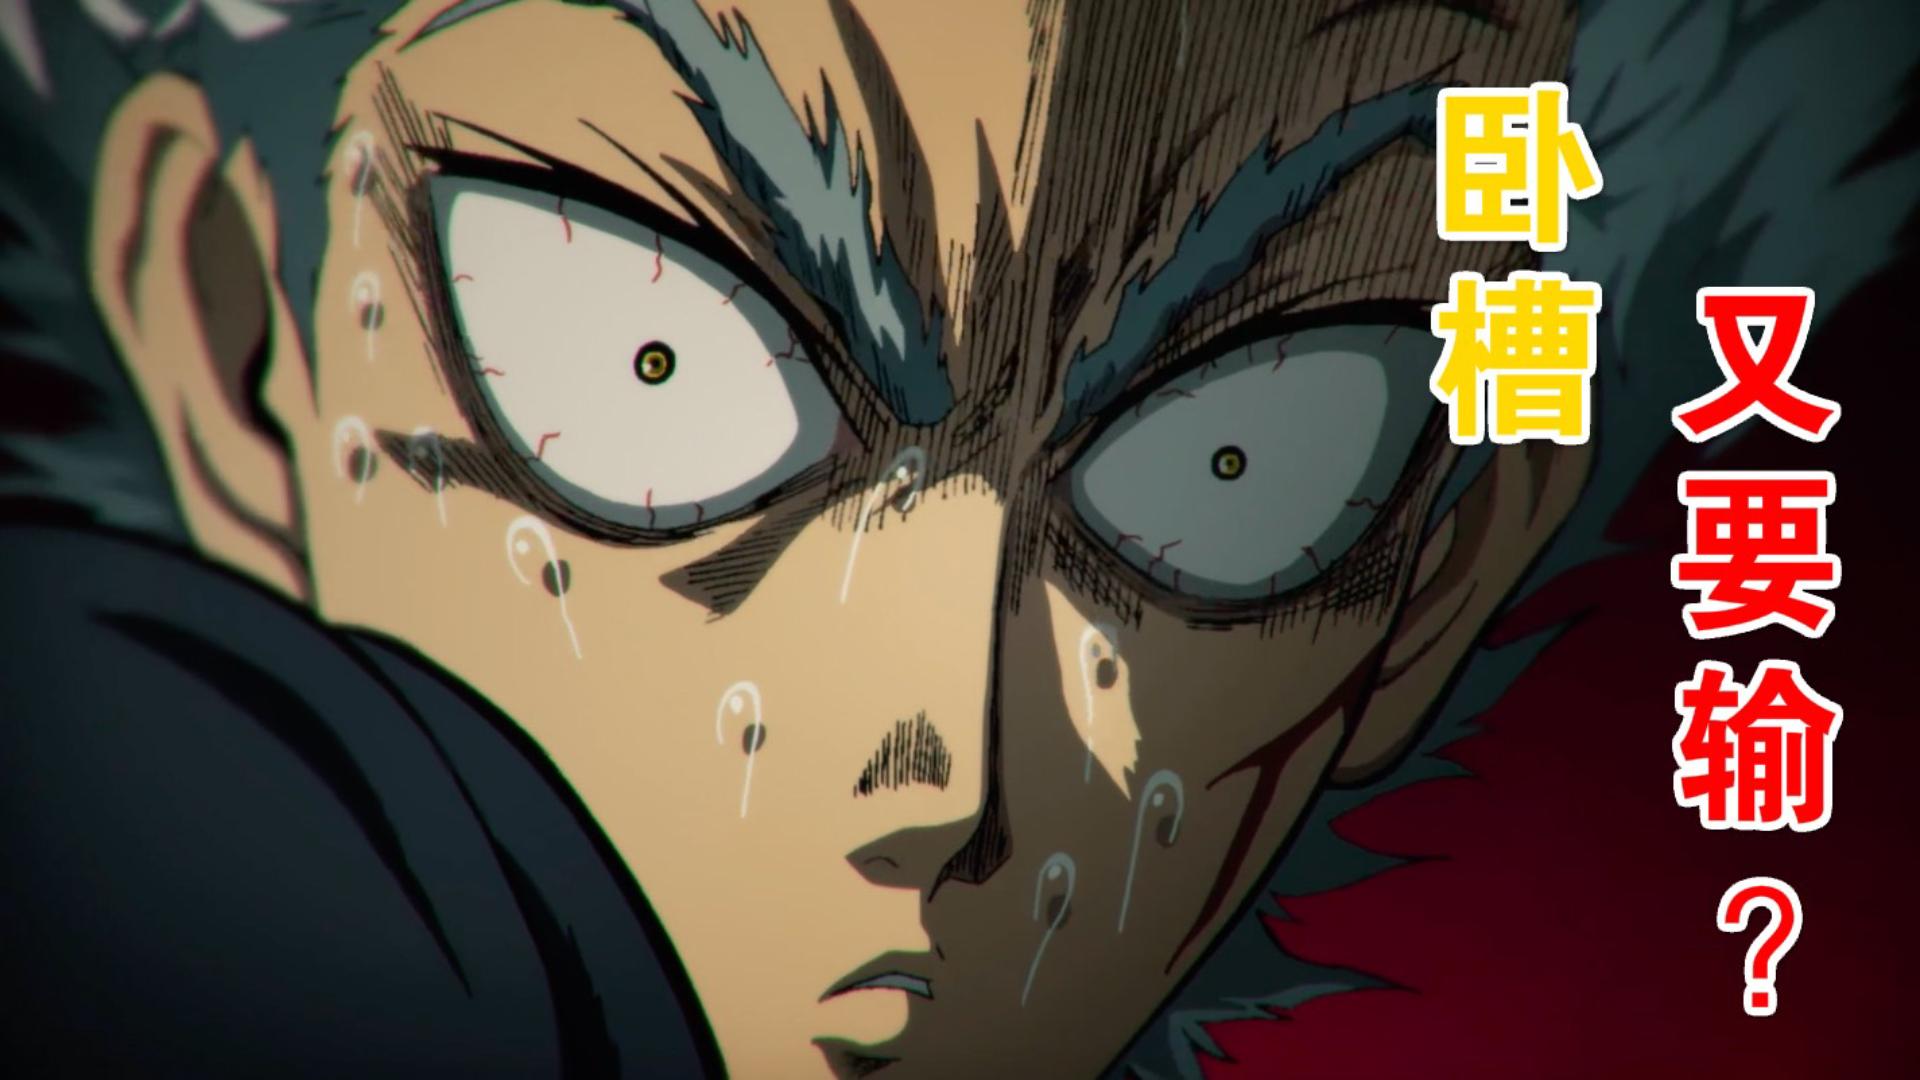 《一拳超人》第三季03:为救人,饿狼与怪人反目!两位怪人追杀!